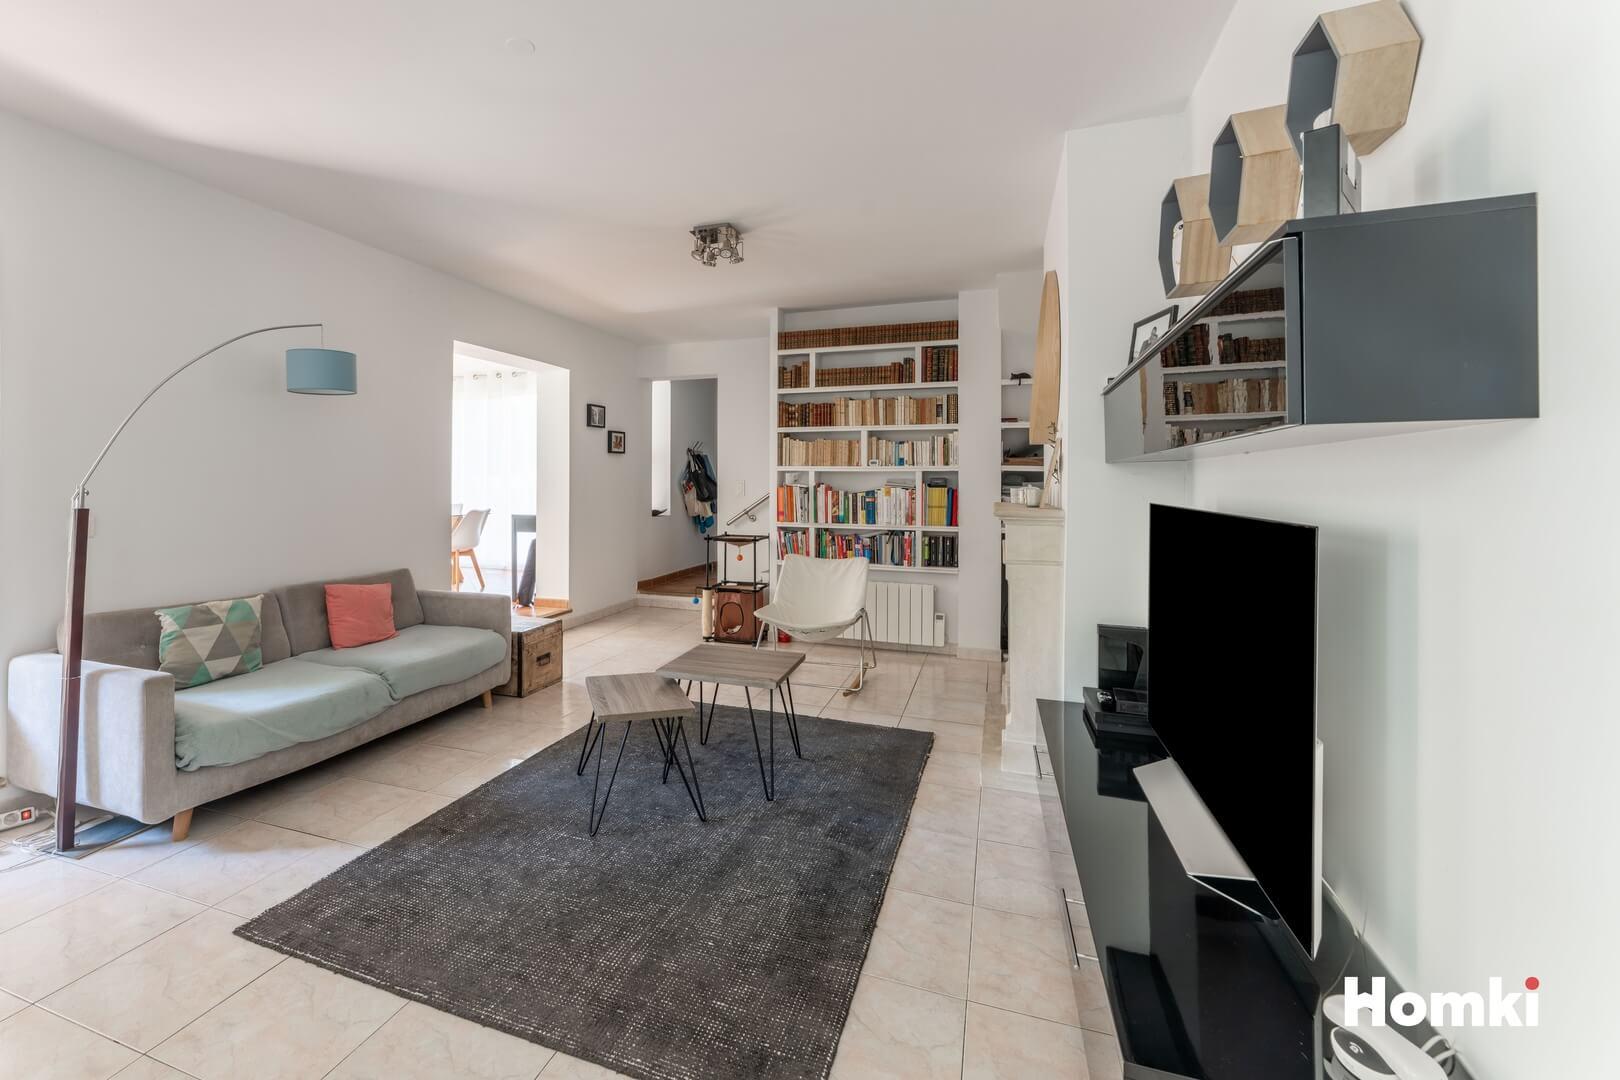 Homki - Vente Maison/villa  de 120.0 m² à Marseille 13009